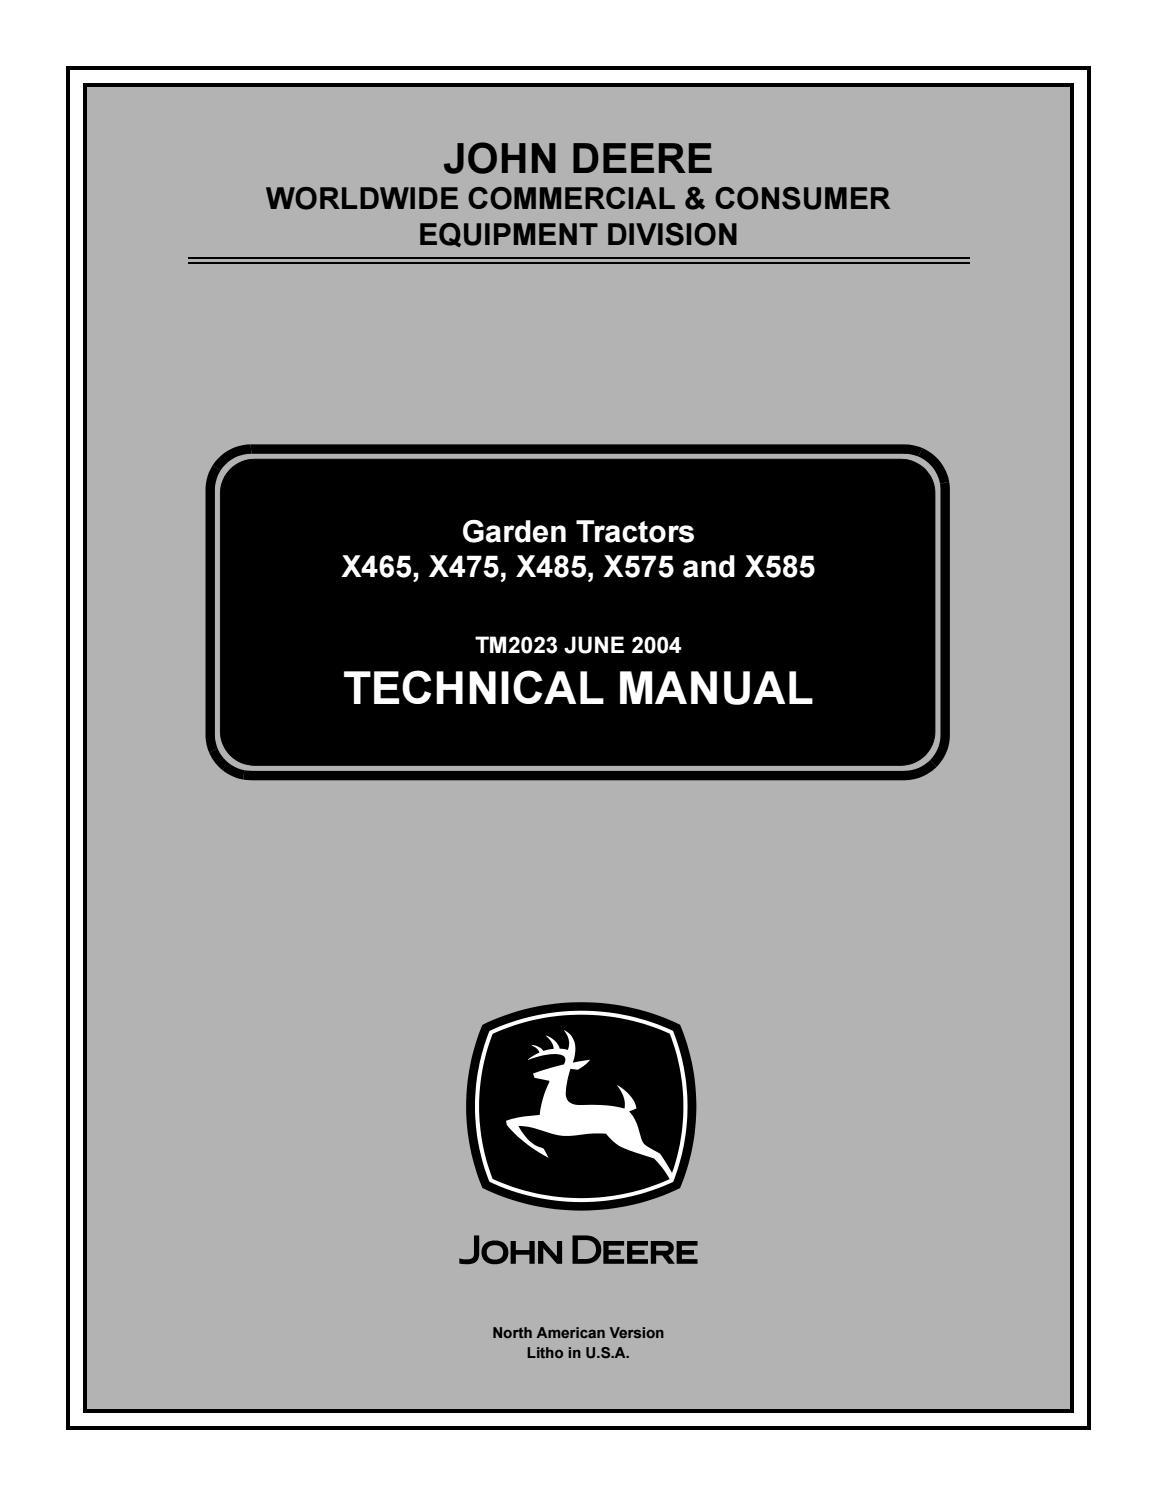 John deere x475 lawn & garden tractor service repair